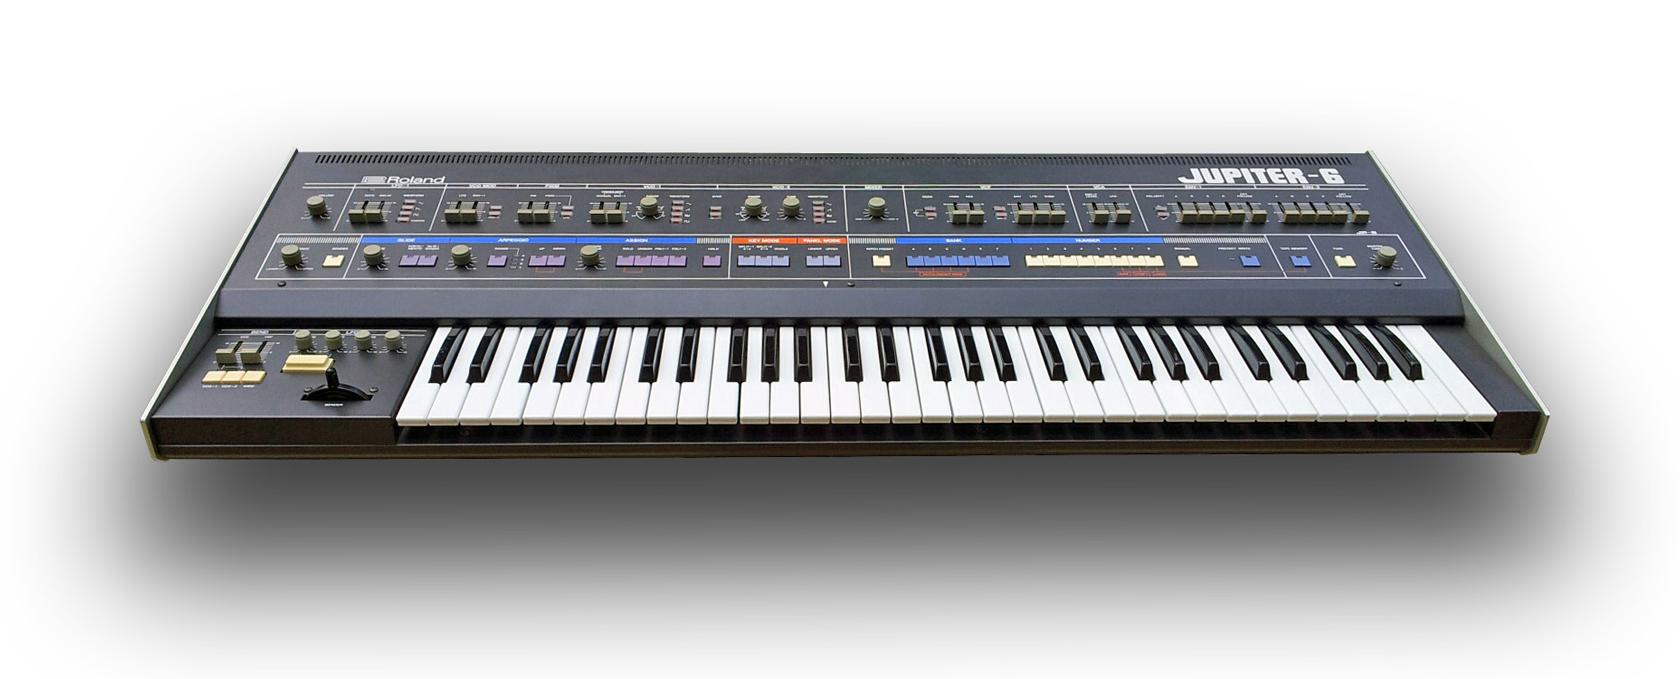 Roland Jupiter-6 synthesizer